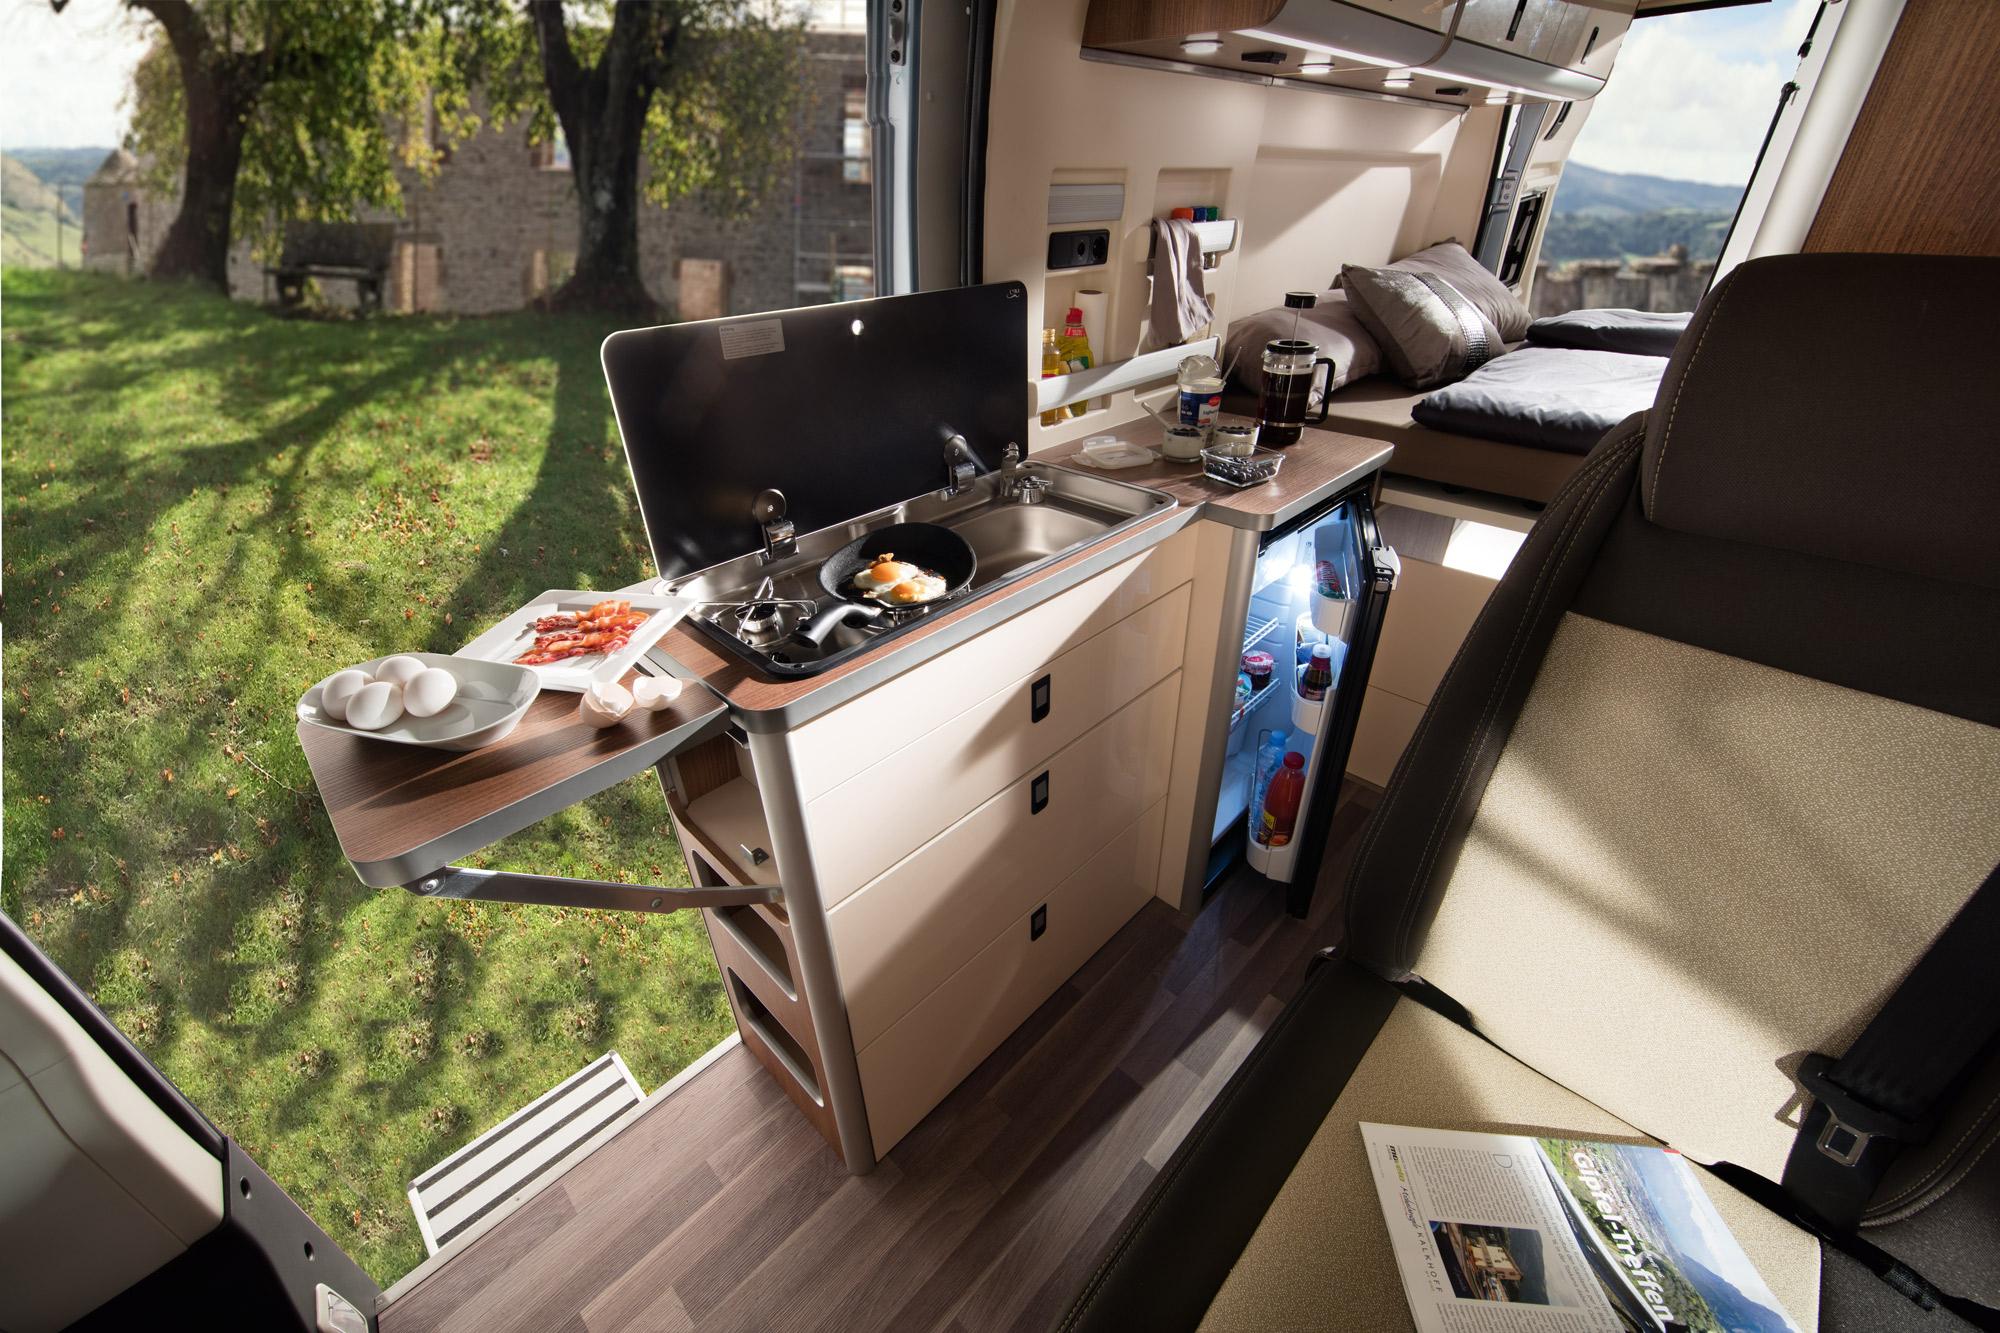 amundsen 600d westfalia mobil gmbh. Black Bedroom Furniture Sets. Home Design Ideas